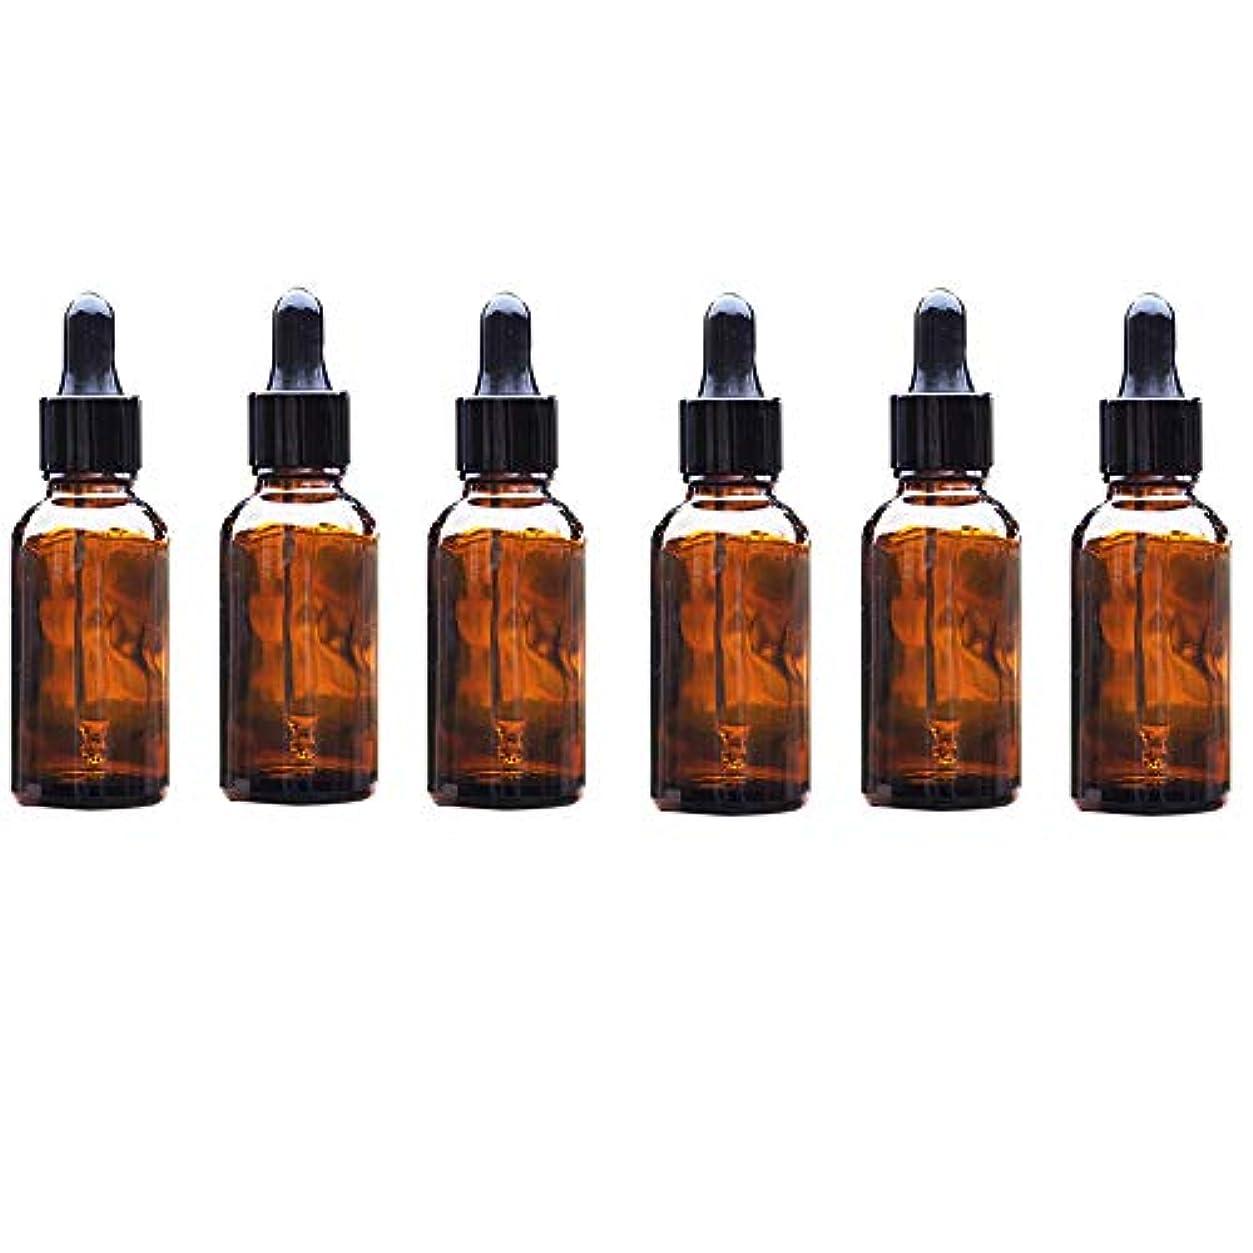 健康きらきら無意味Lindexs スポイト遮光瓶 アロマボトル アロマ保存容器 アロマオイル エッセンシャルオイル 精油 小分け用 スポイト キャップ 茶色 遮光瓶 ガラス製 20ml 6本セット